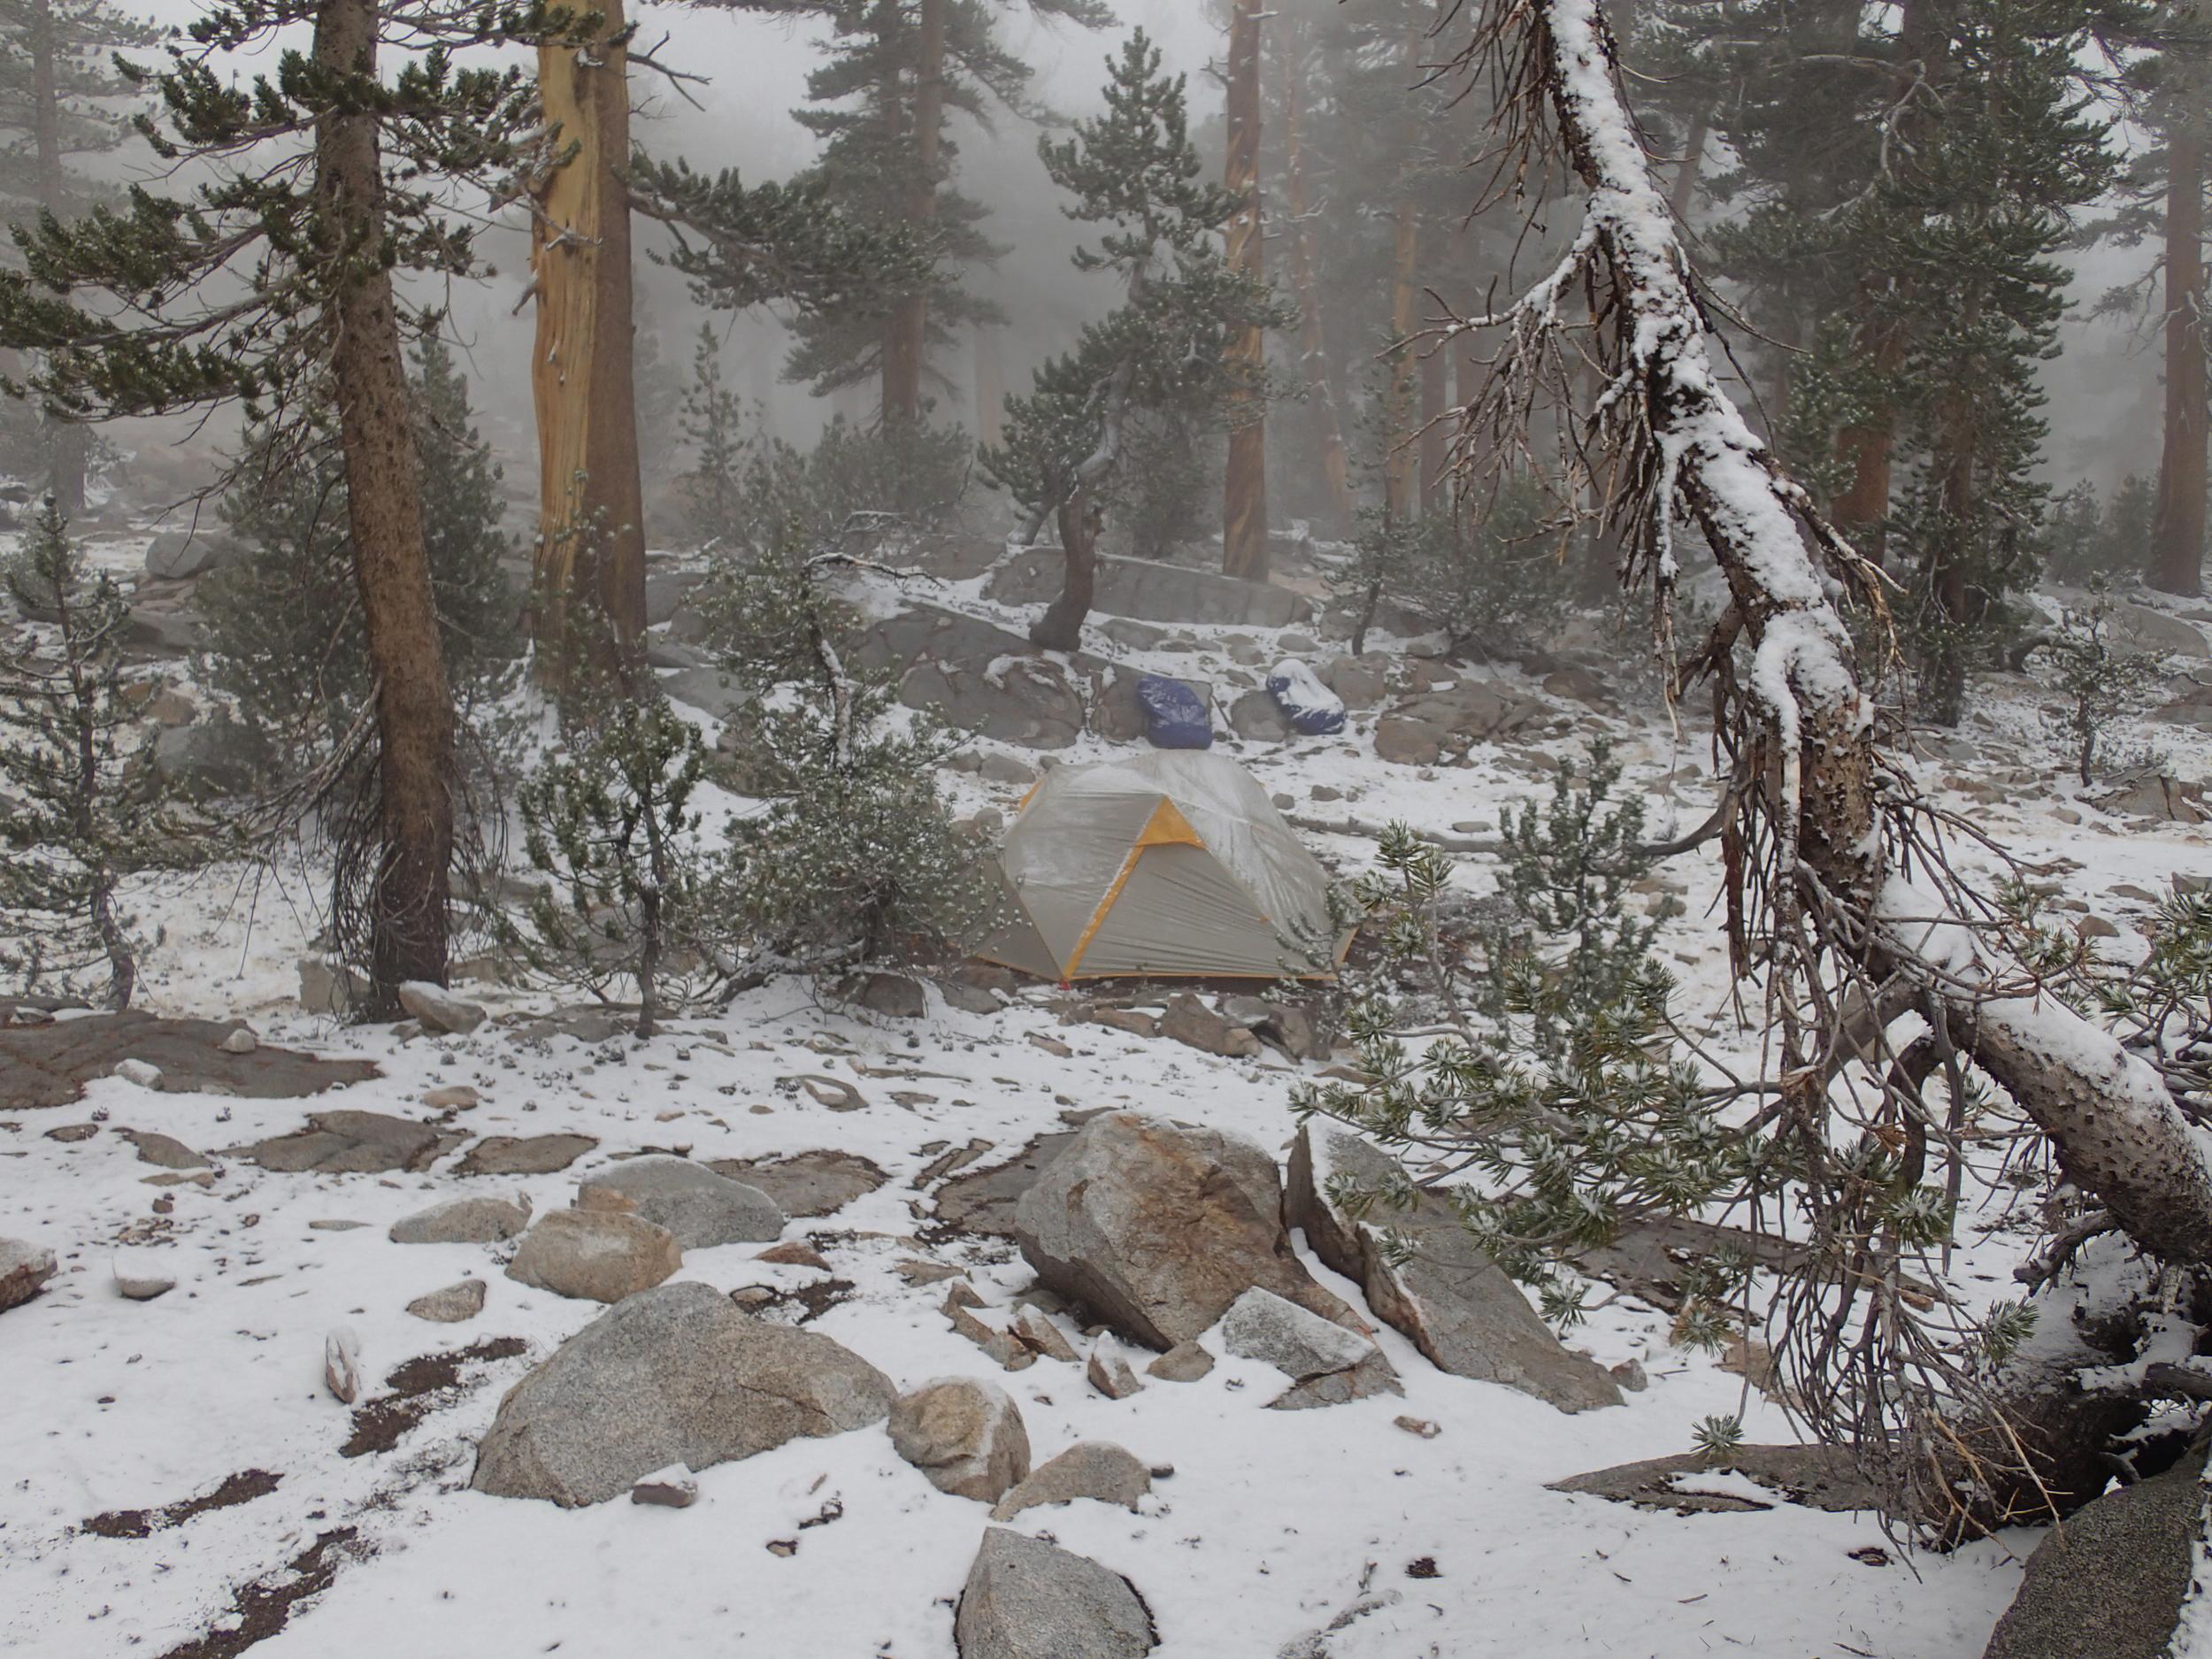 Snowy tent near Bench Lake